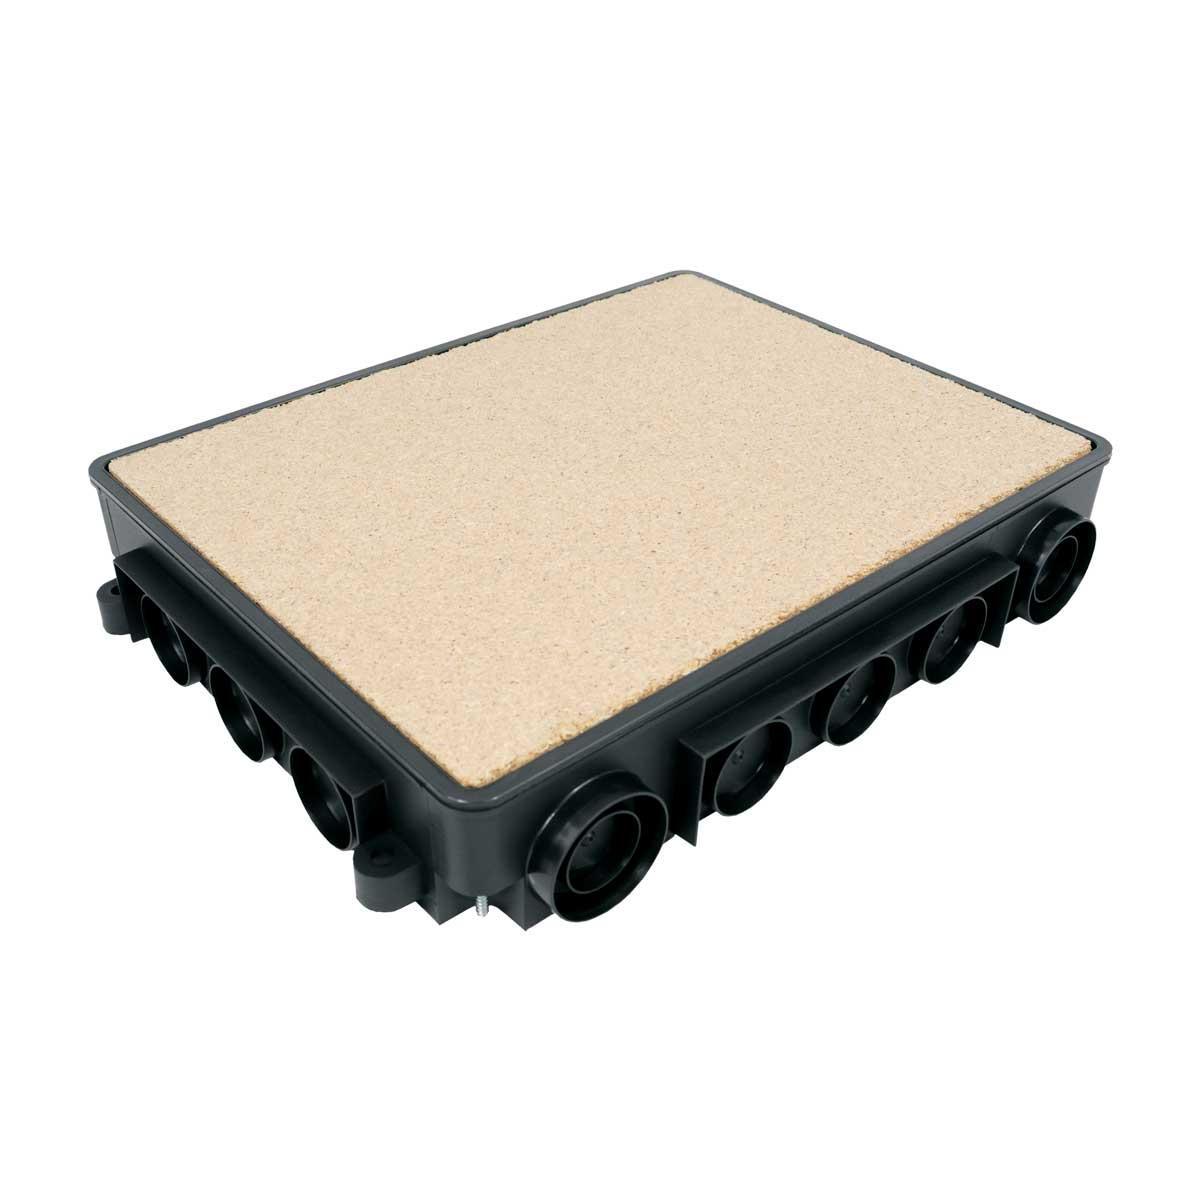 Корпус коробки  KOPOBOX; для підлоги;